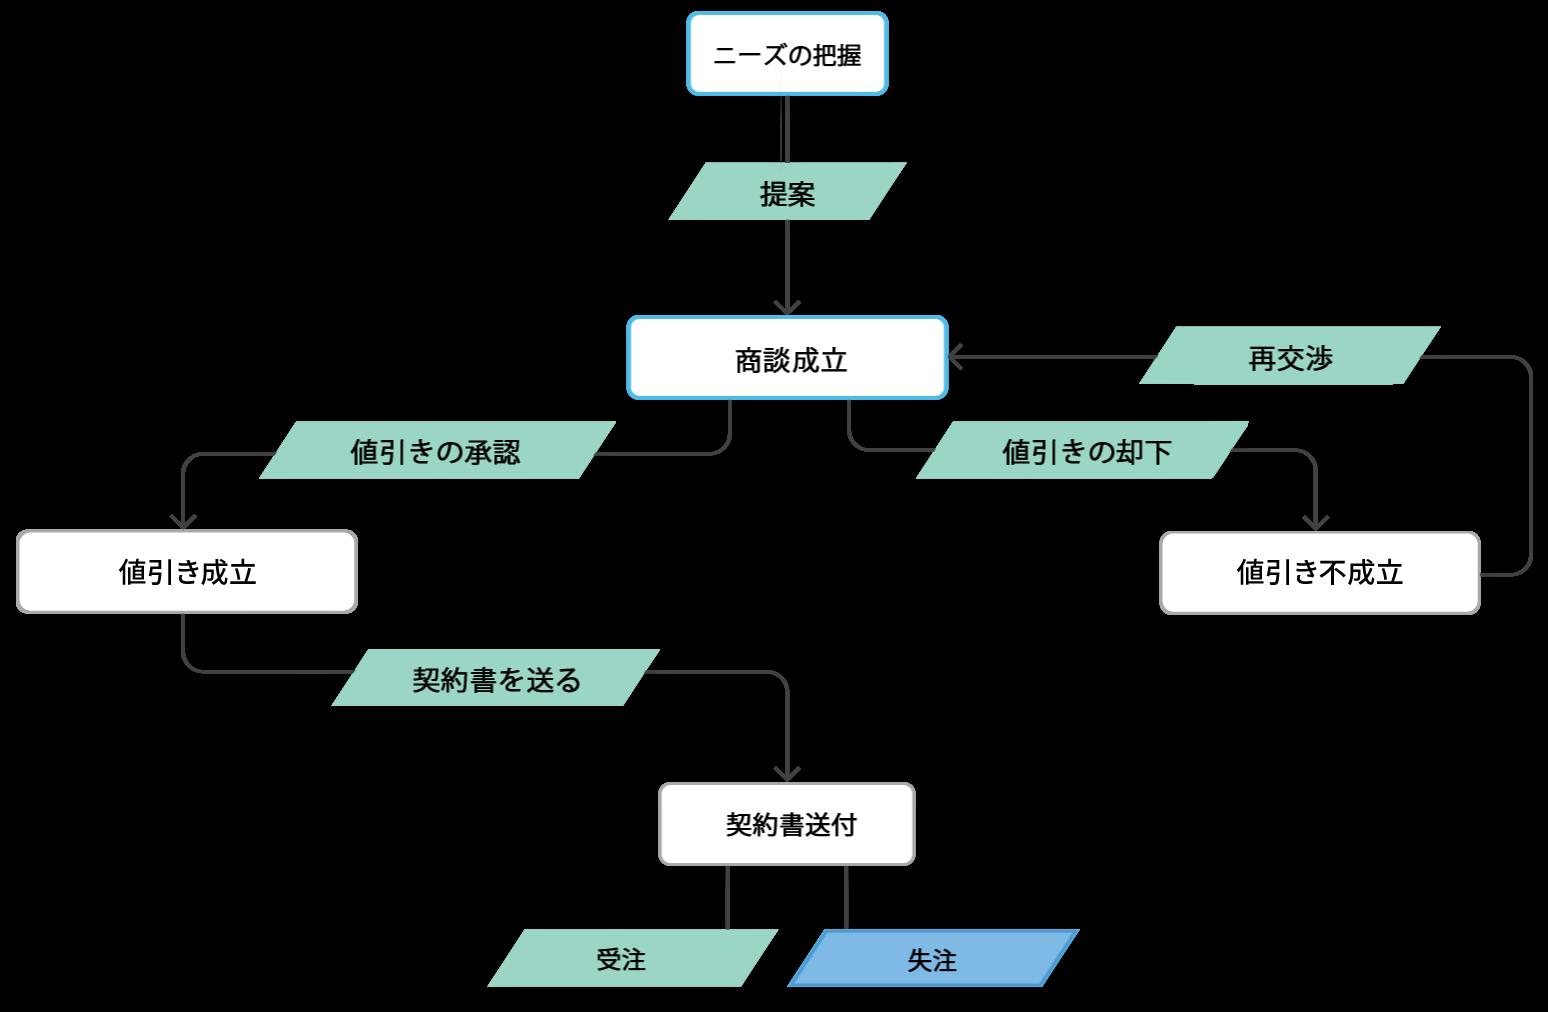 販売管理:ブループリントによる販売プロセス管理のイメージ図